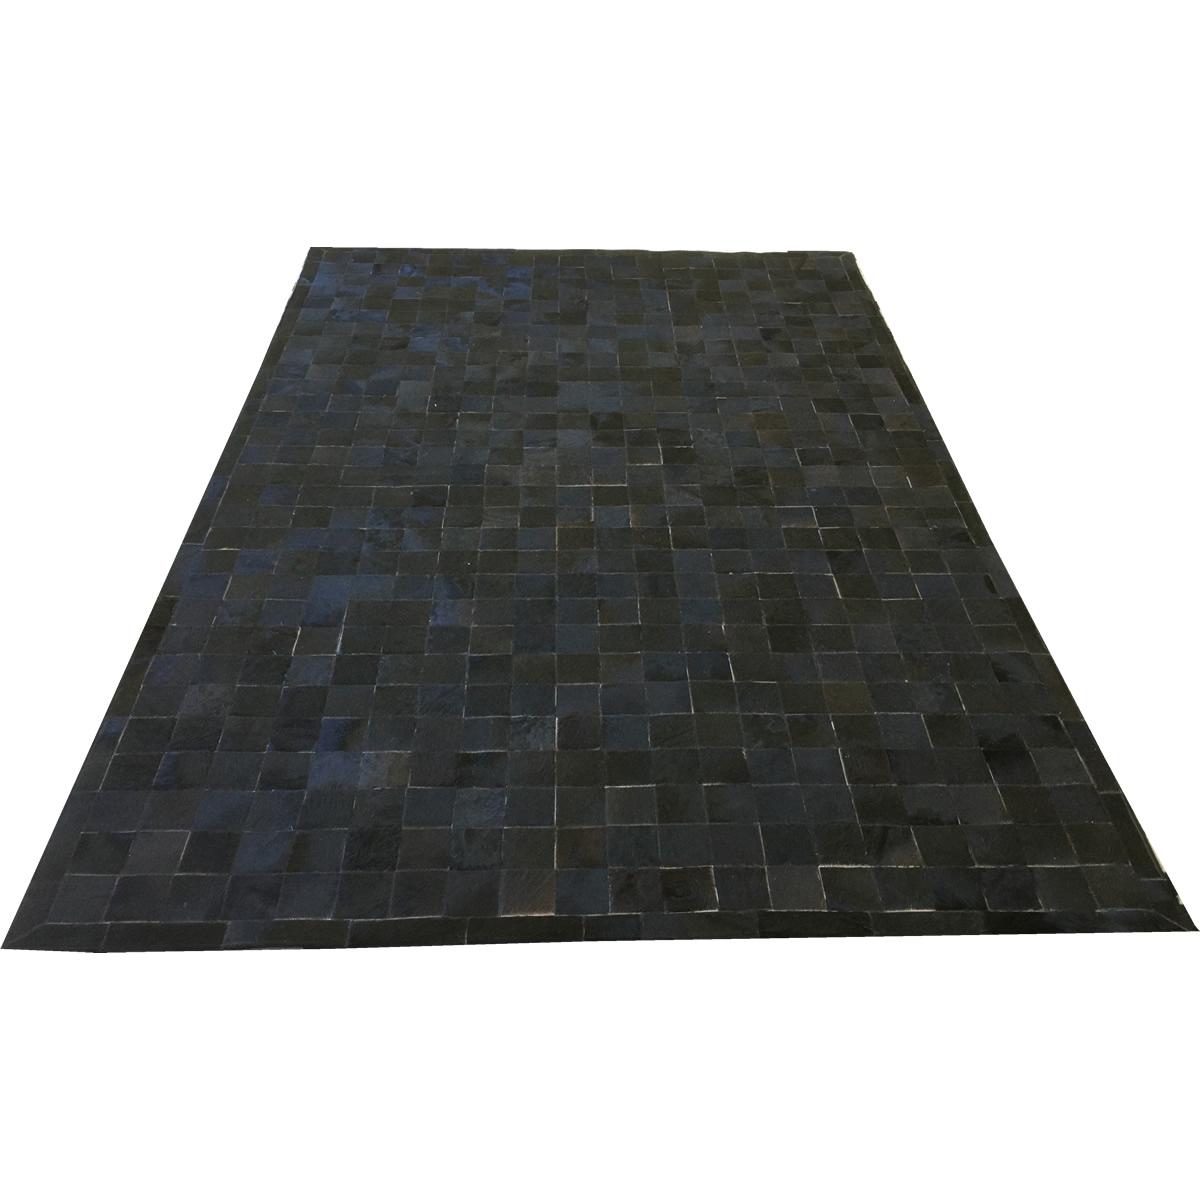 Tapete de couro preto café 2,00x3,00 com borda peça 10x10cm